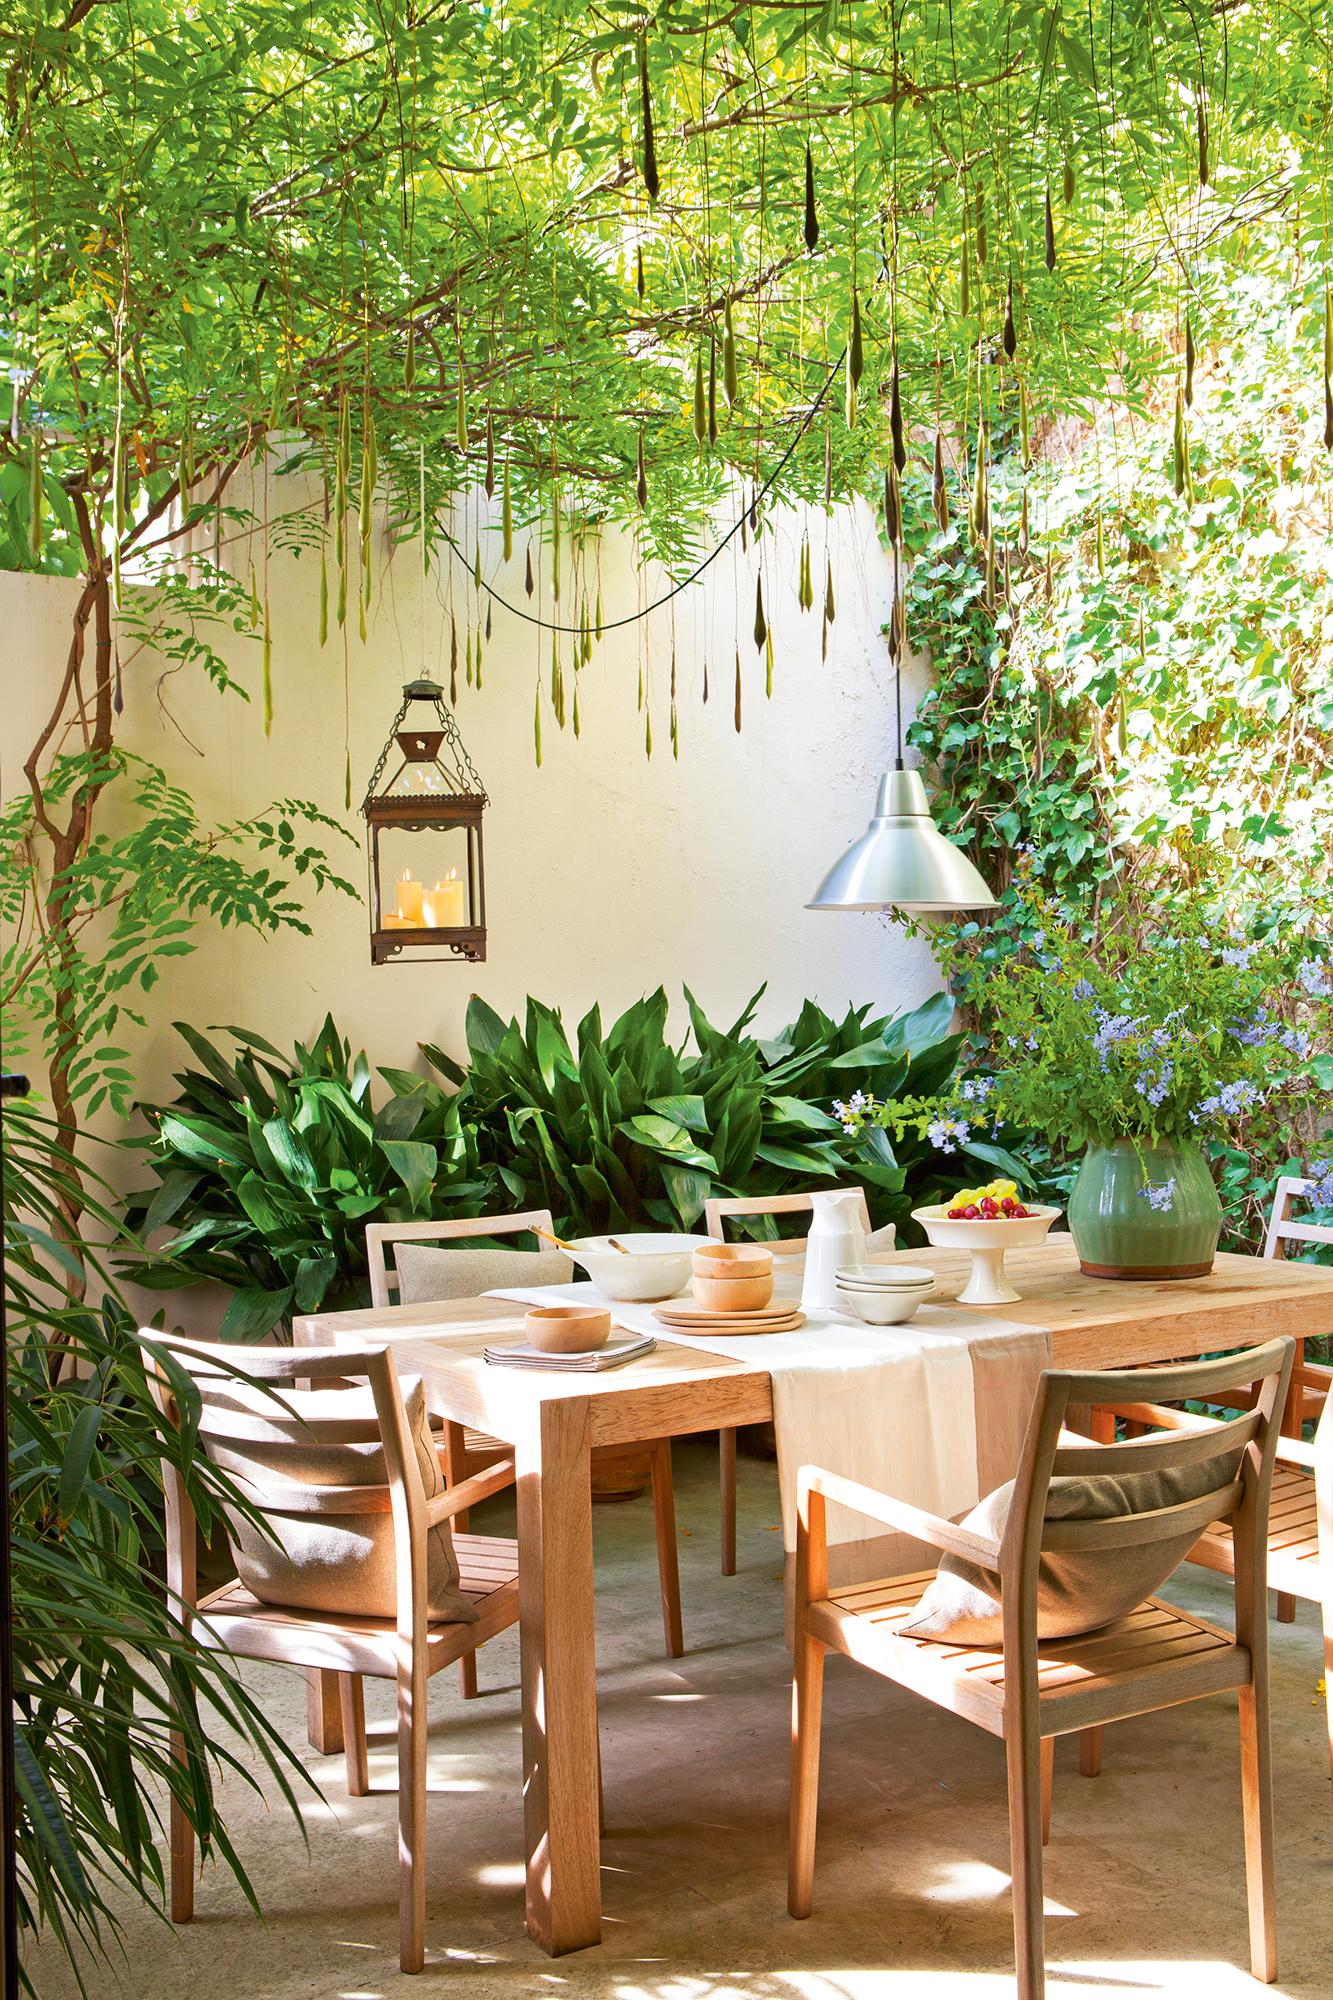 Comedores de exterior los 50 mejores de El Mueble